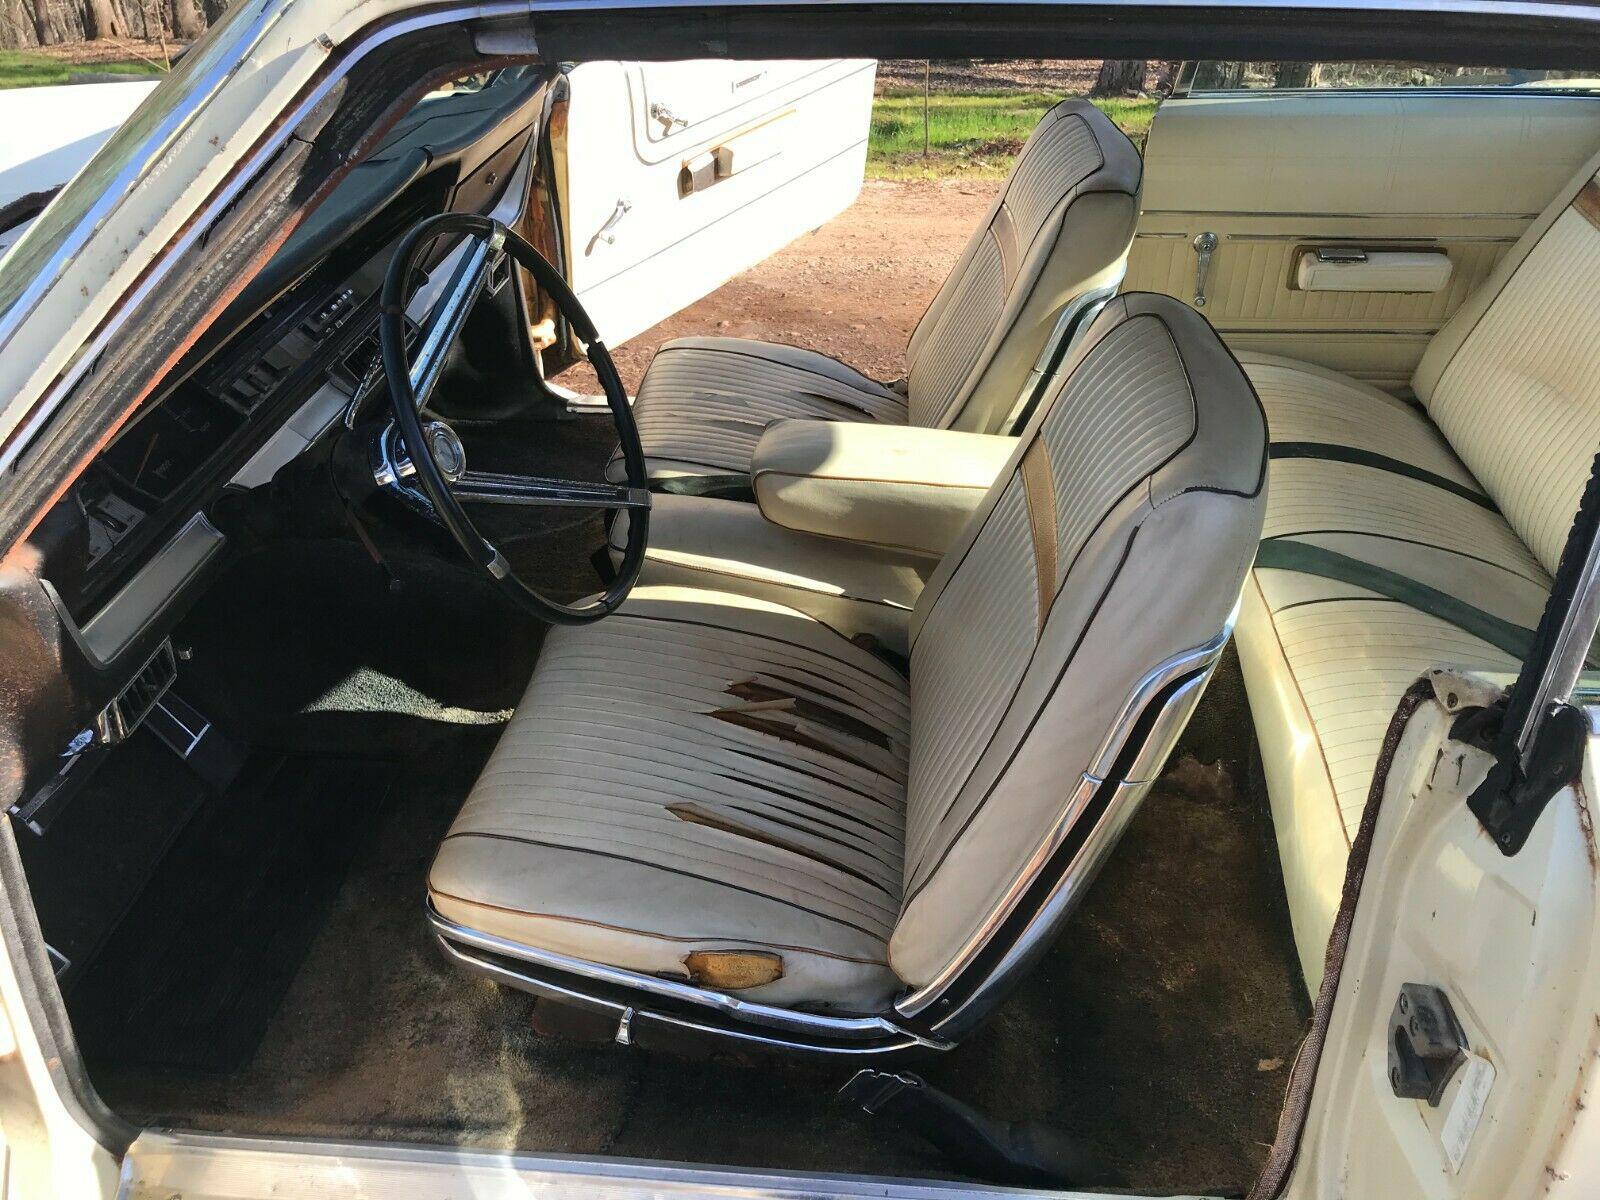 Plymouth Sport Fury 1967 nguyên bản được tìm thấy trong chuồng gà sau 20 năm - Ảnh 5.